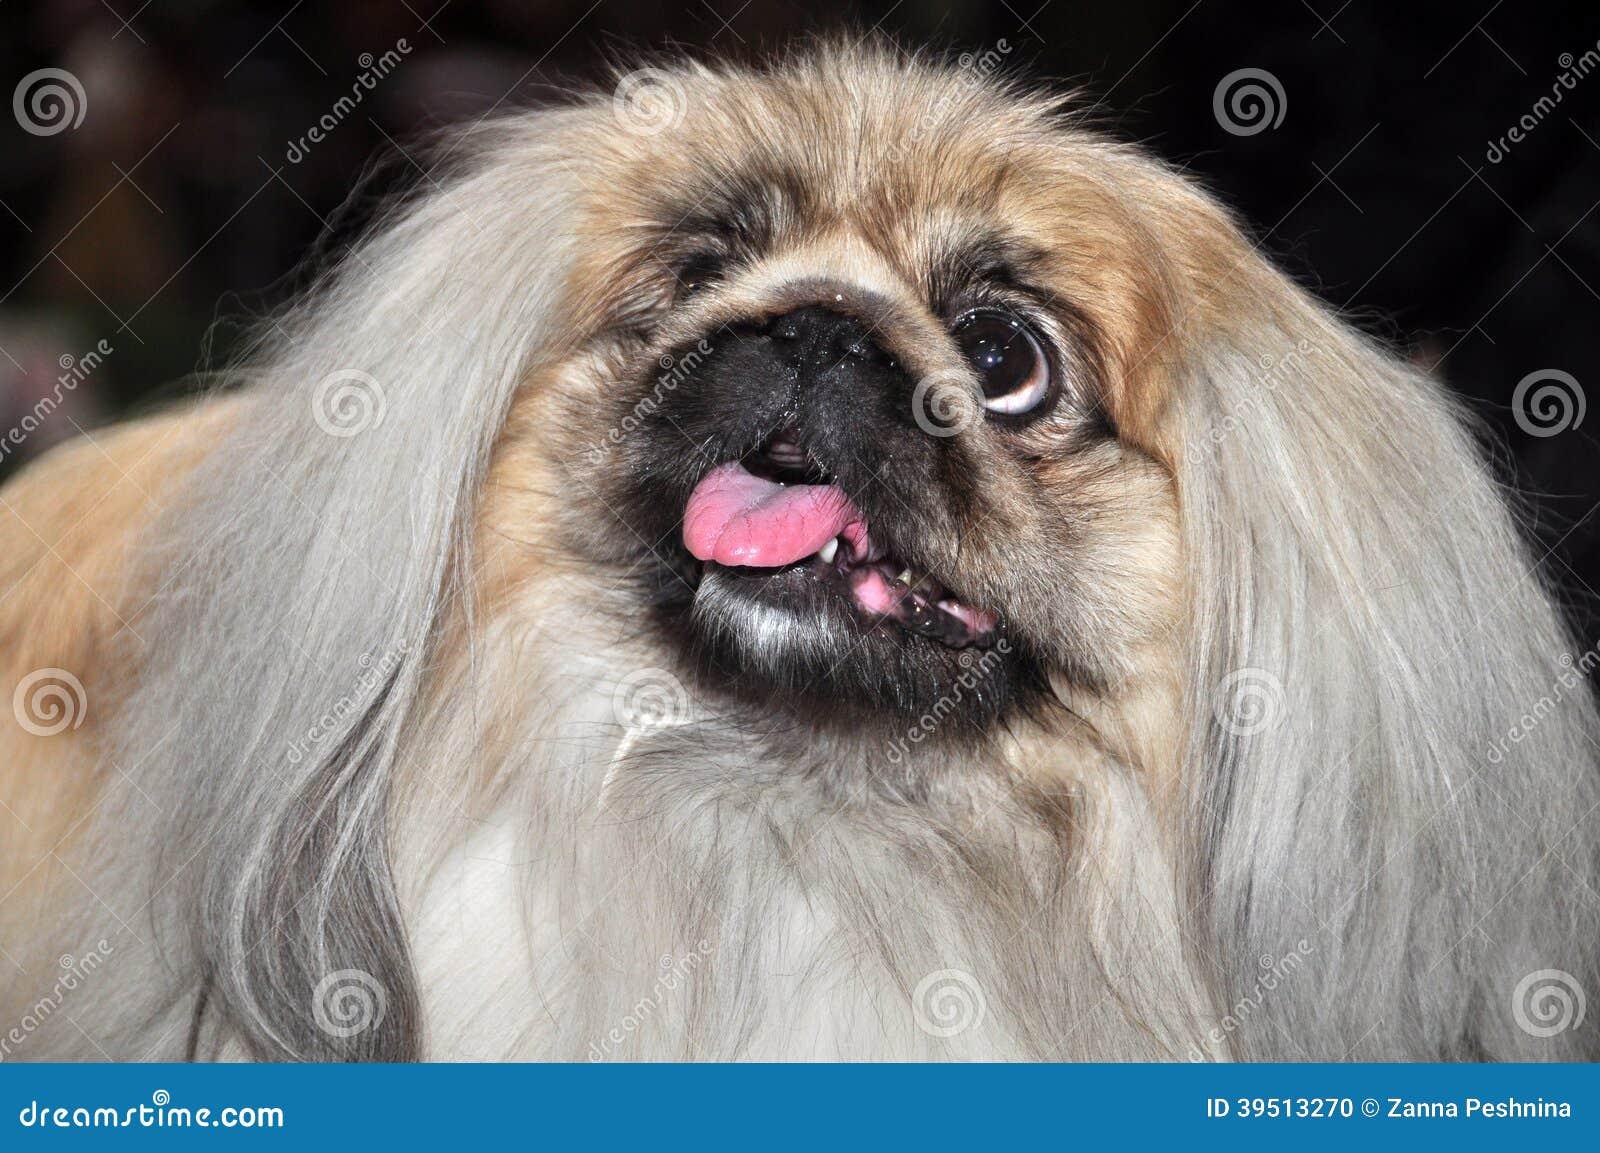 Dog Breed Pekingese Tongue